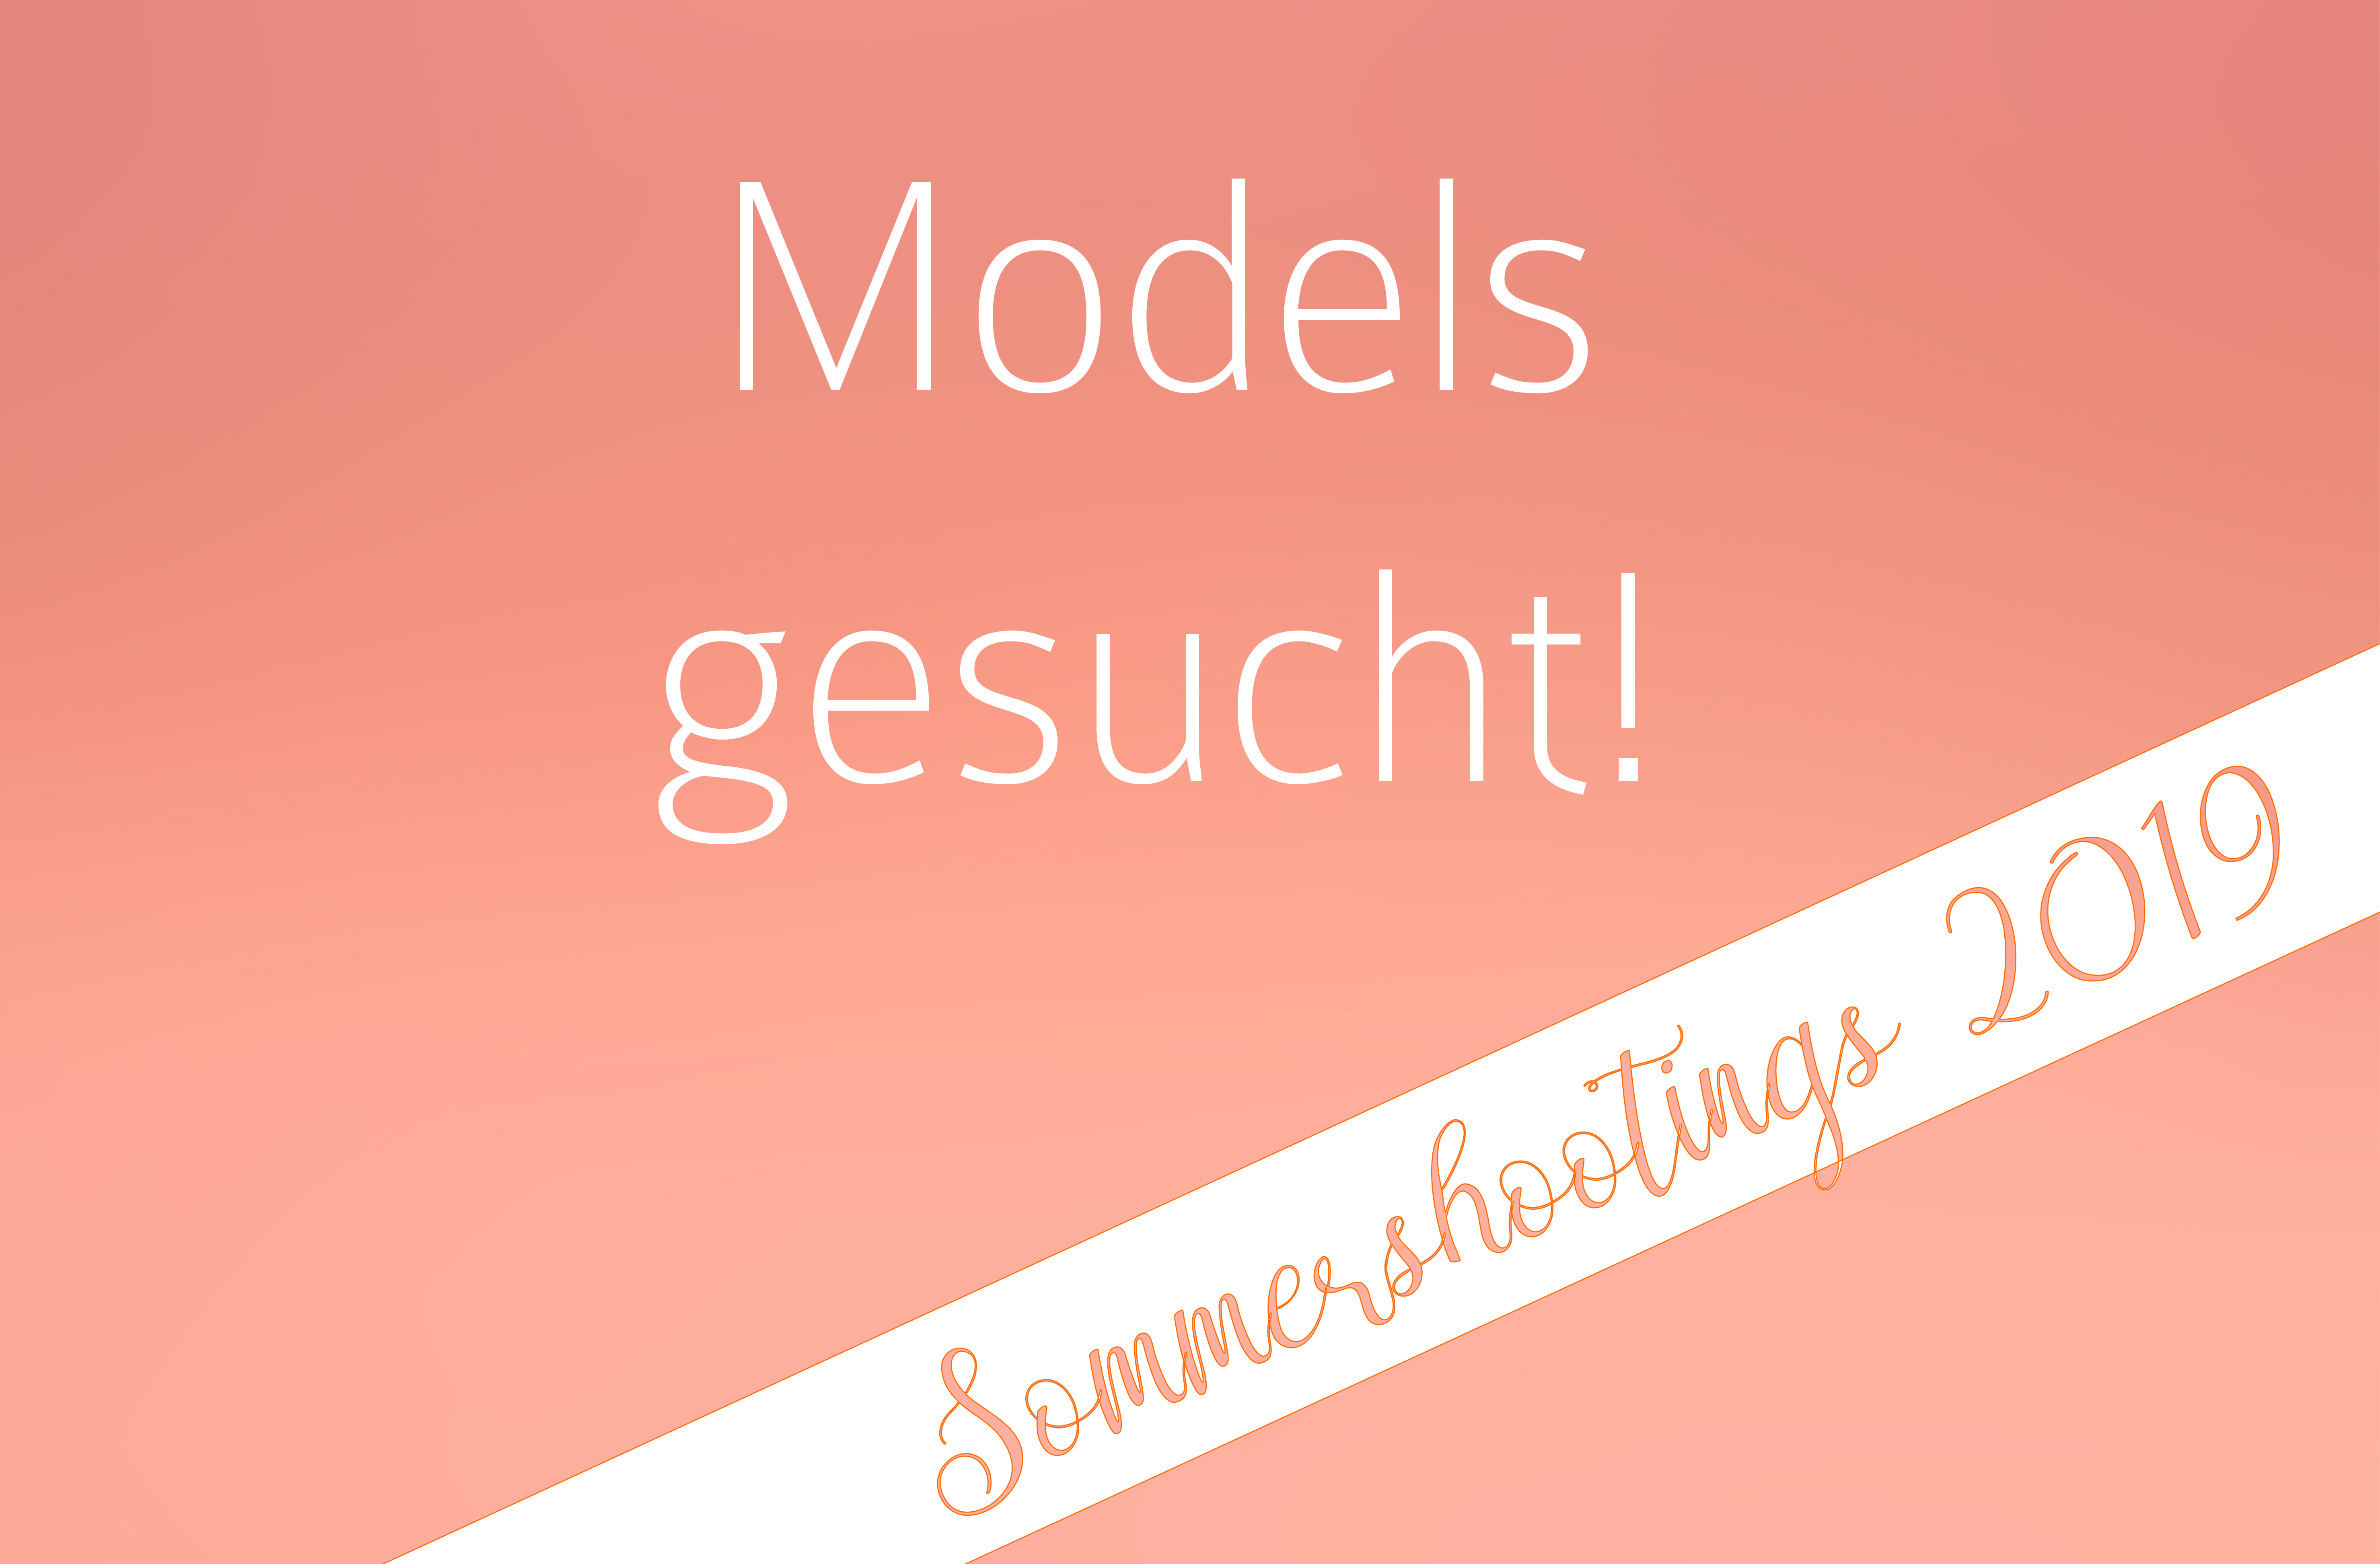 Models gesucht! – Sommershootings 2019